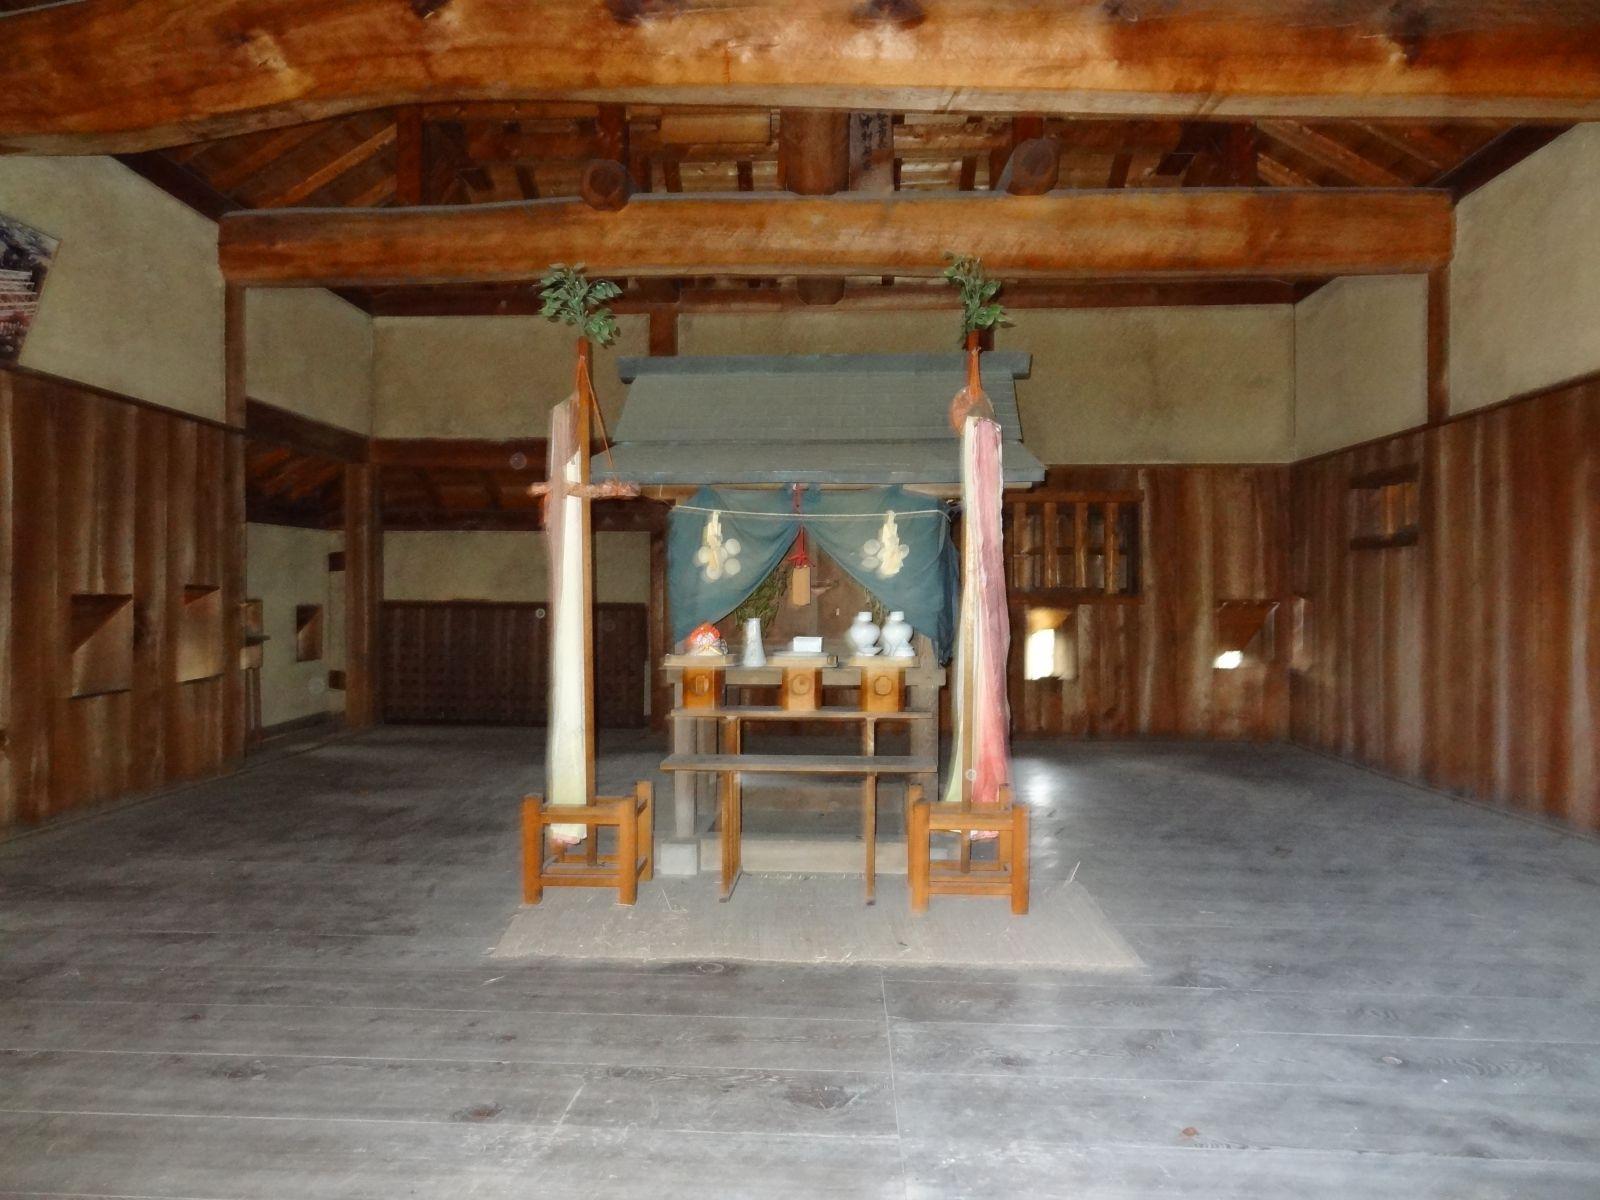 松山城(本丸本壇)の写真です。クリックすると拡大します。